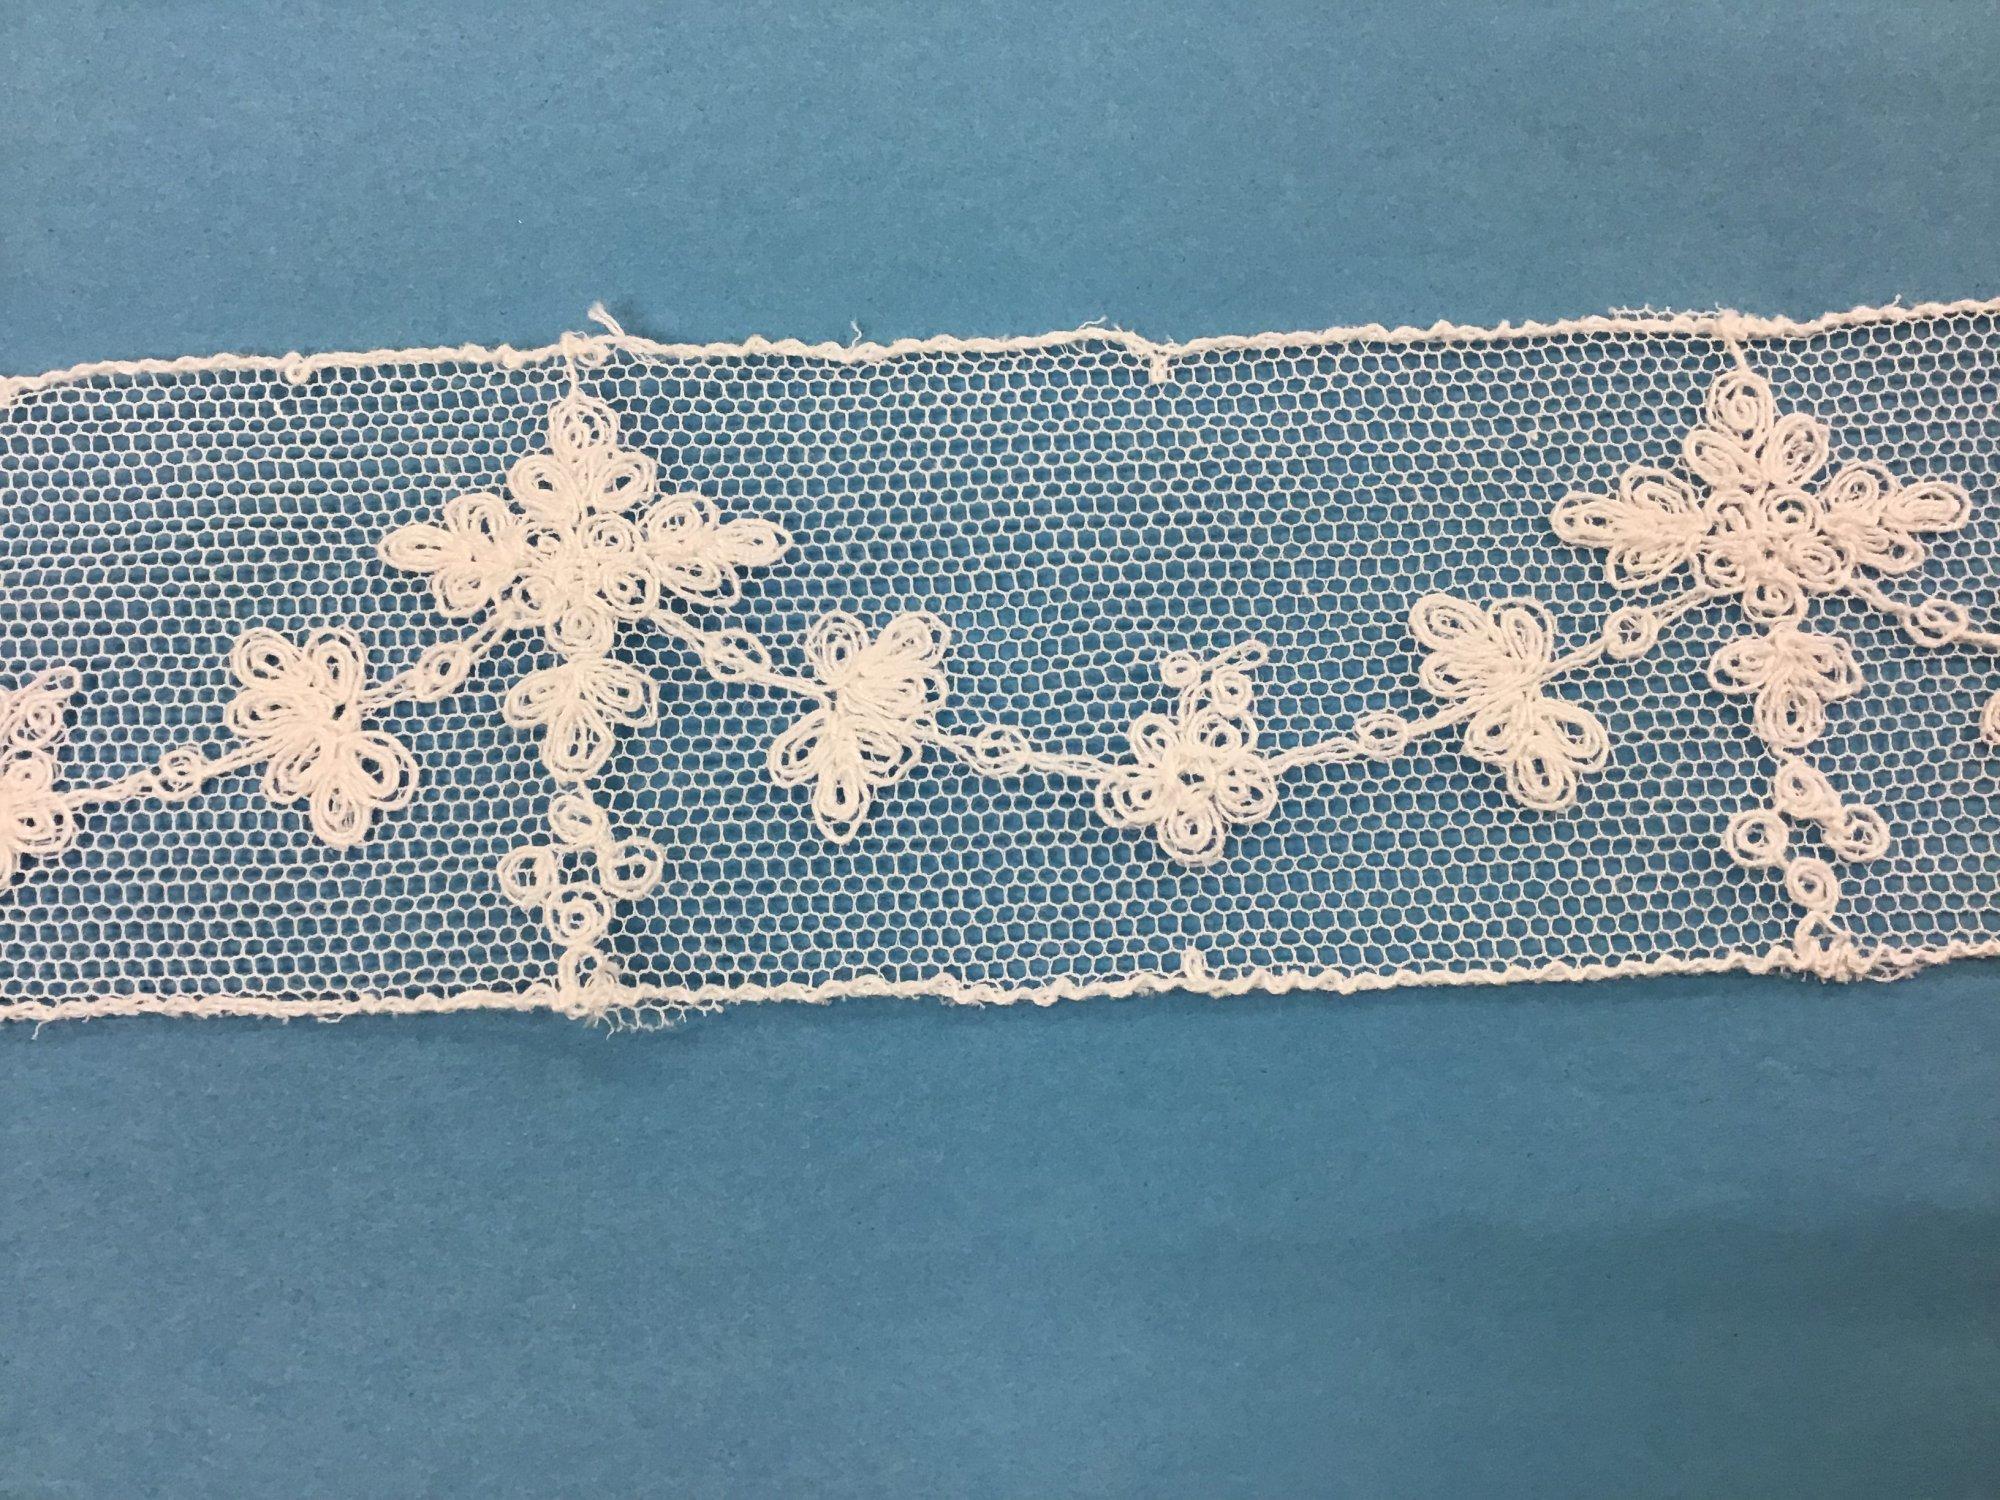 1 7/8  netting insertion soft white crosses 1972